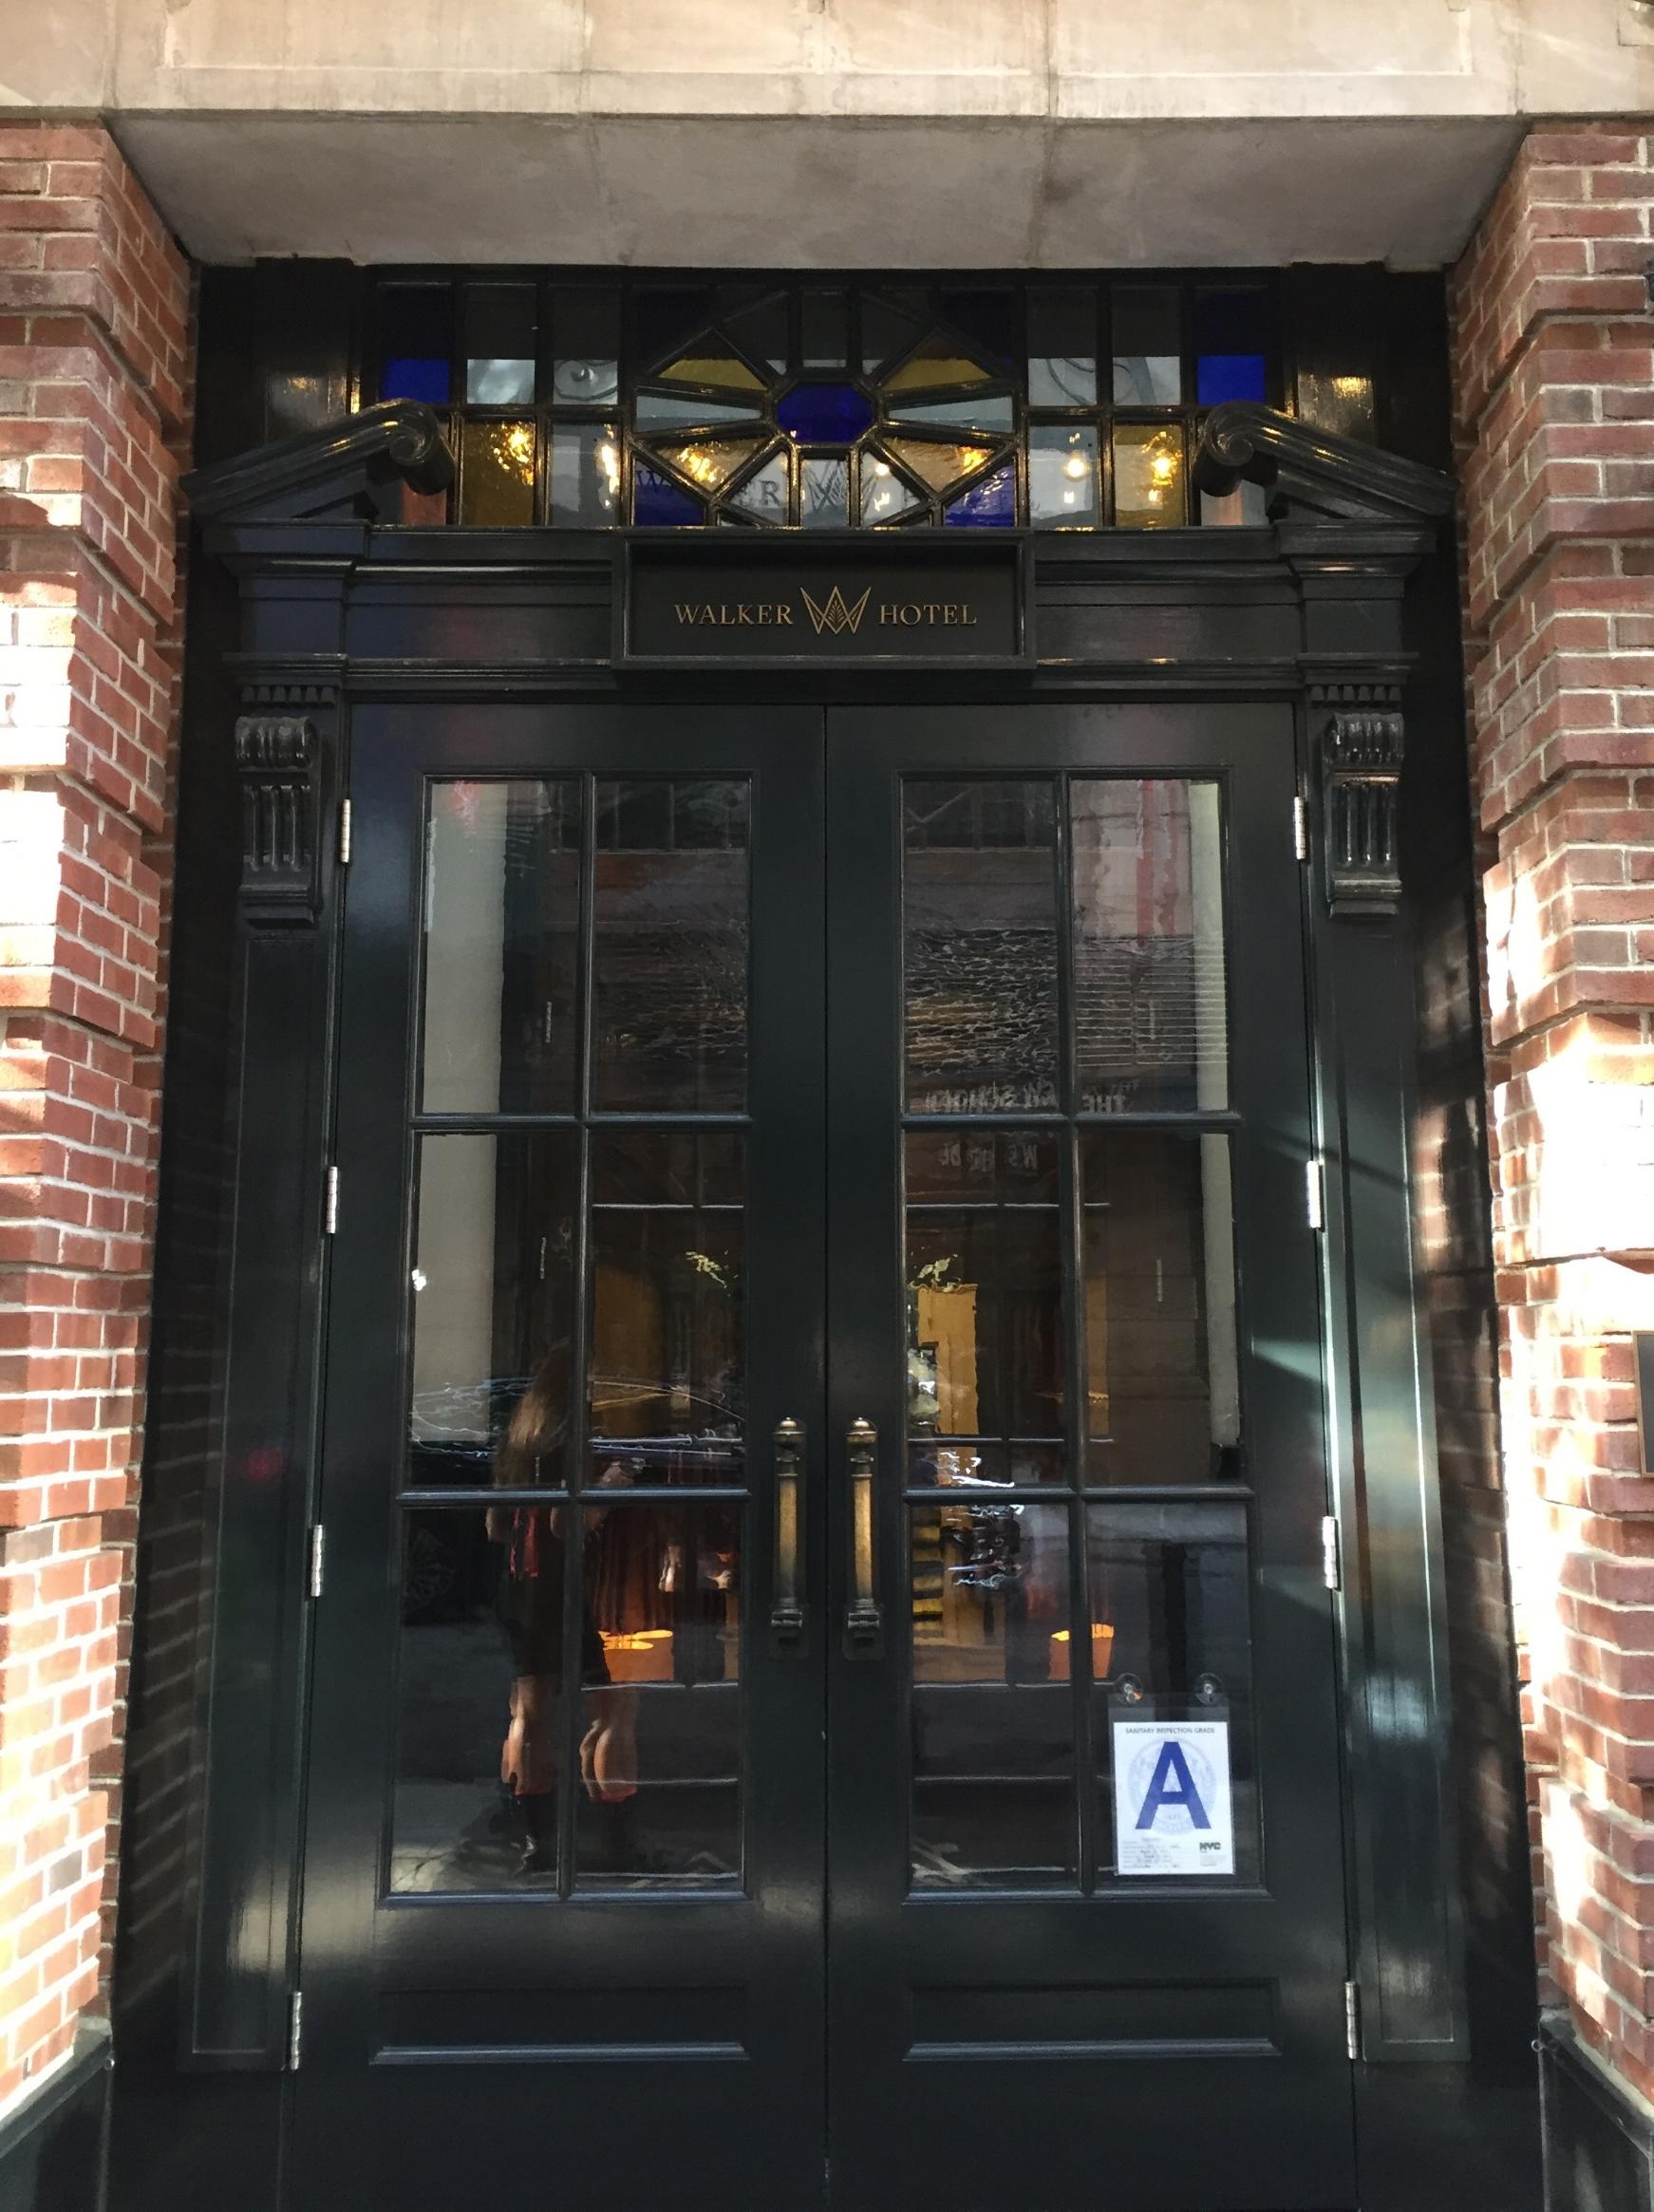 Walker-hotel-doors.jpg